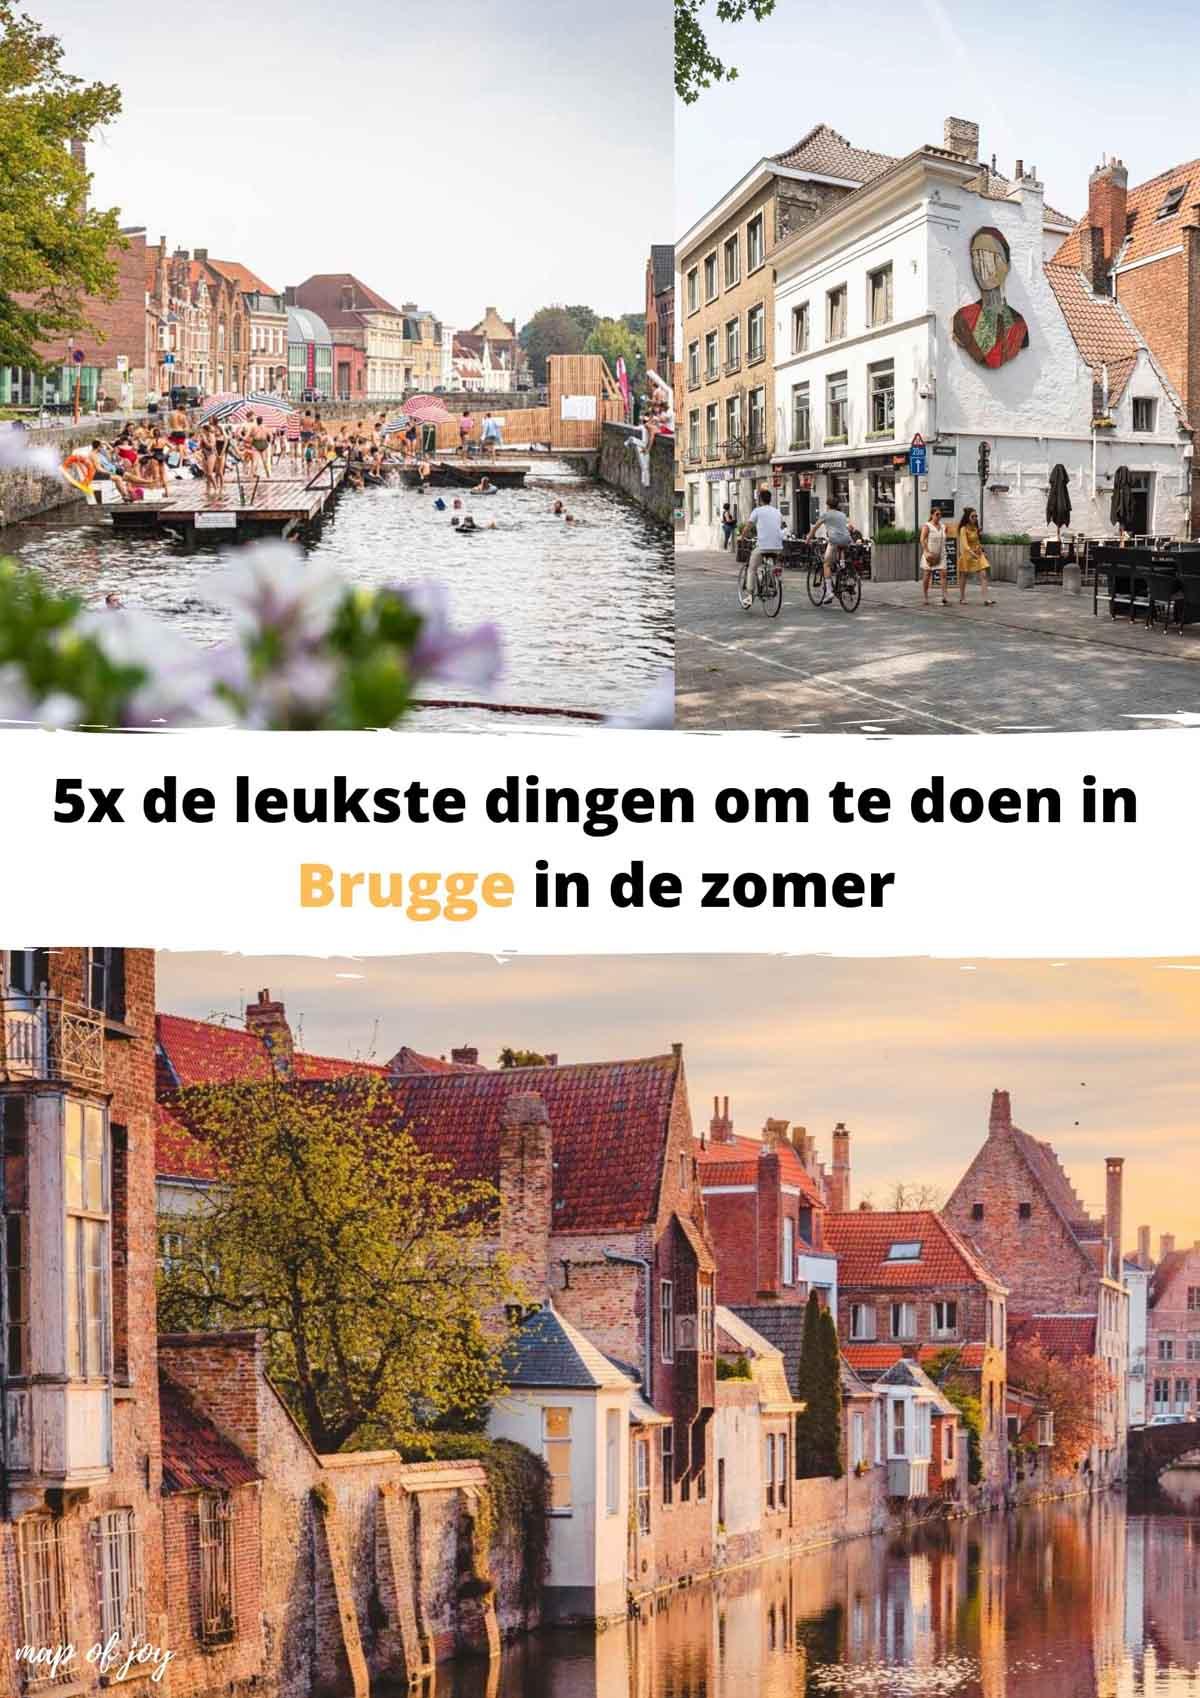 De leukste dingen om te doen in Brugge in de zomer